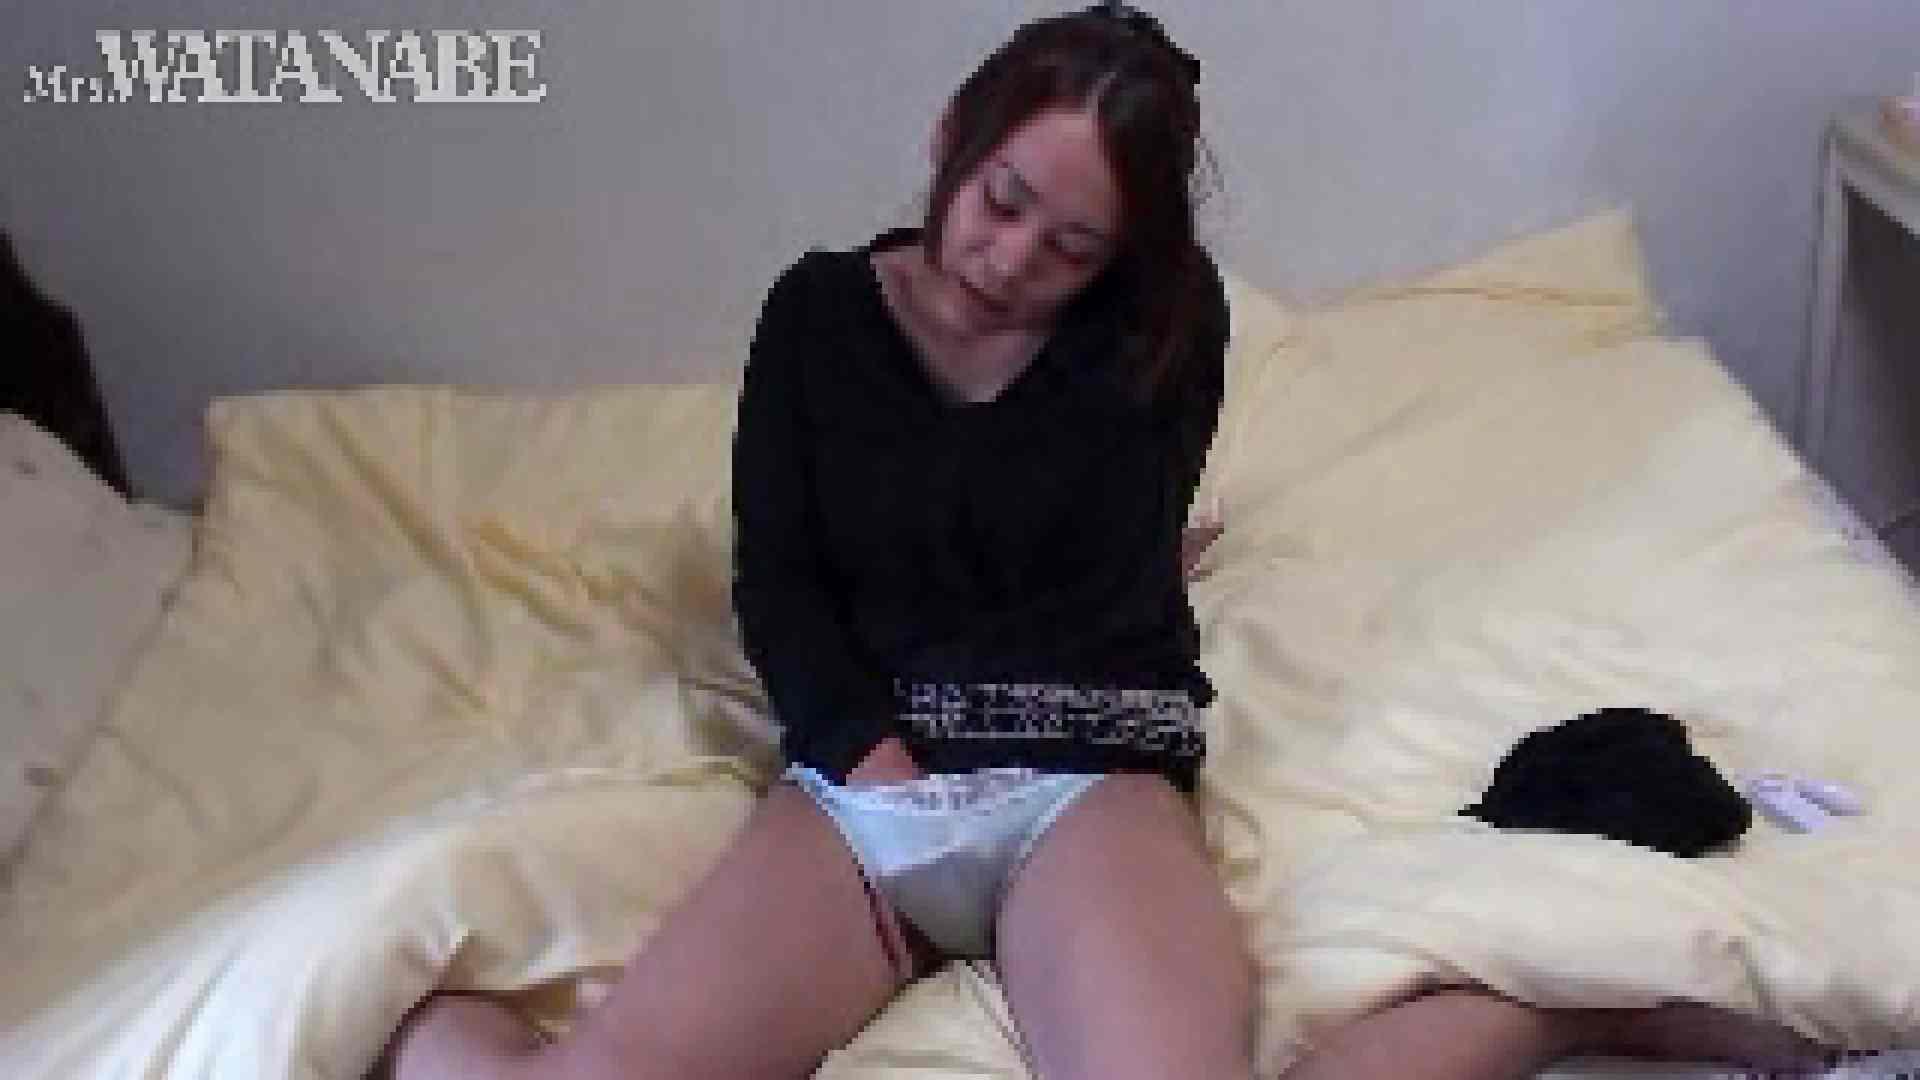 SNSで出会った人妻をハメ撮りしちゃいます 2回目 前編 人妻達のヌード | オナニー特集  65連発 64